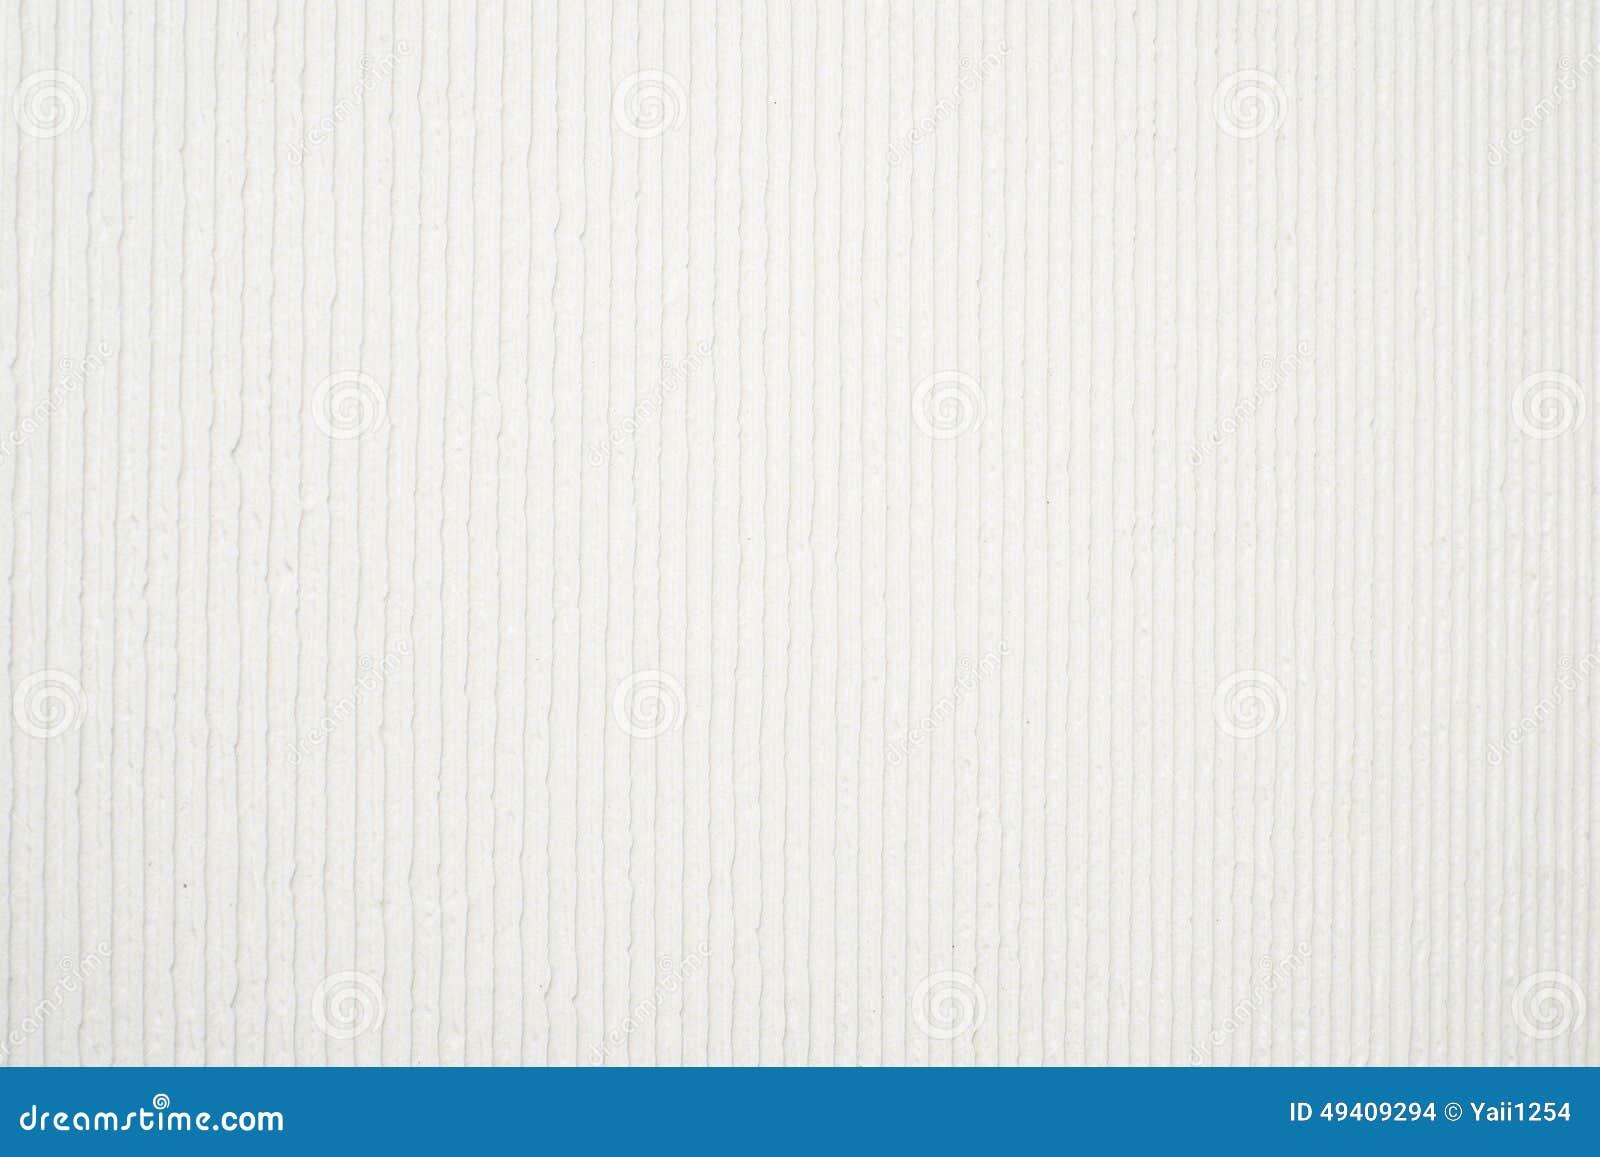 Download Papierbeschaffenheit Oder Hintergrund Stockfoto - Bild von hintergrund, ränder: 49409294